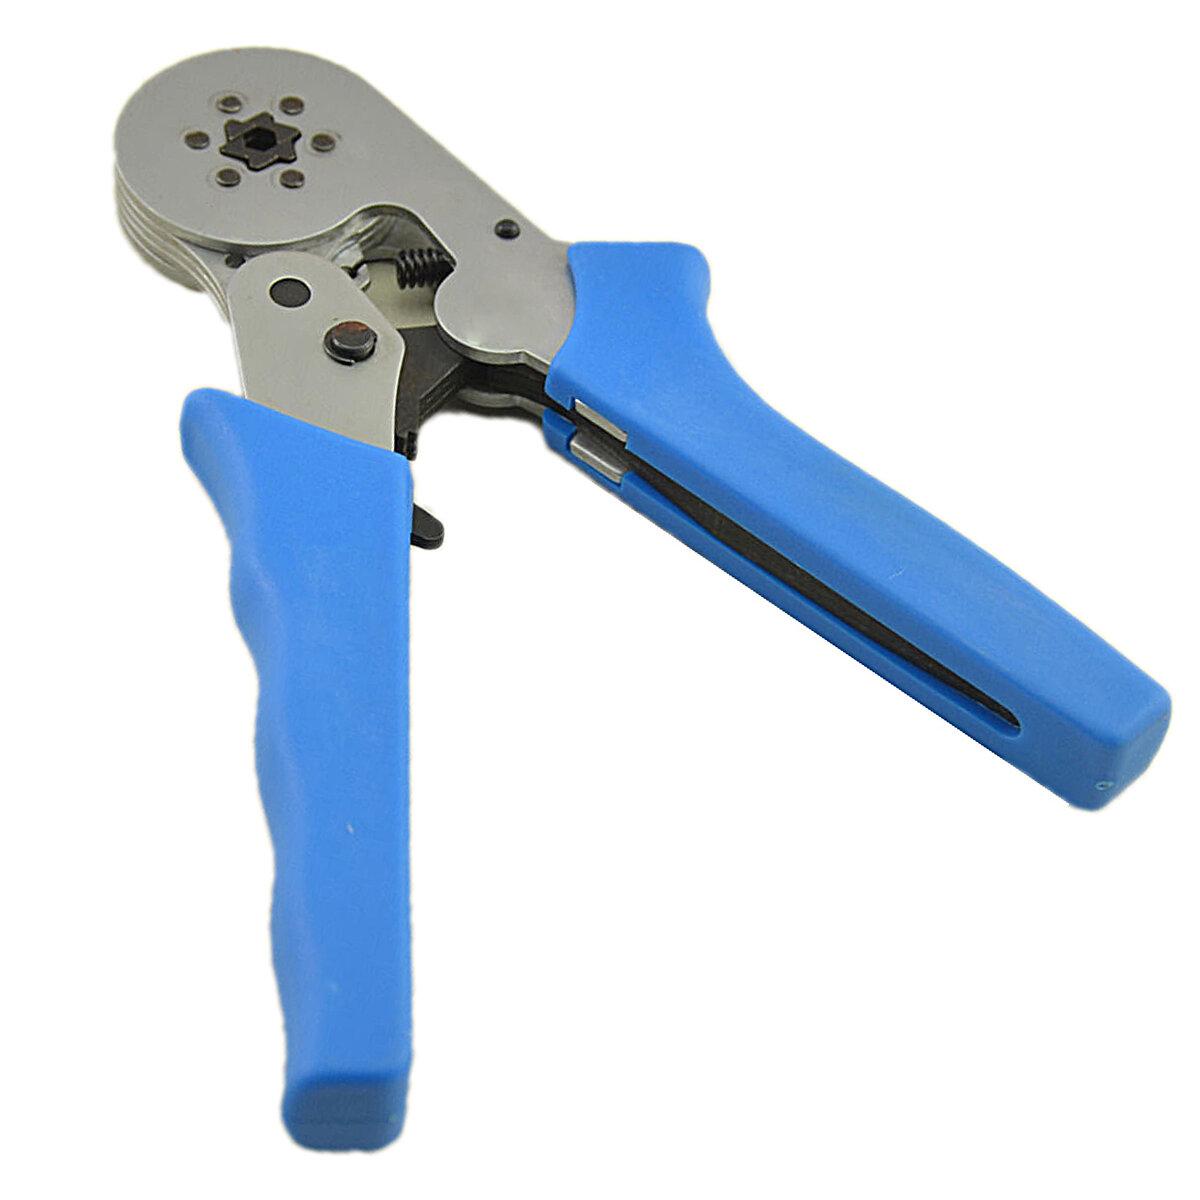 HSC8 6-6 0.25-6.0mm² Crimping Tools Self-adjustable Ratcheting Ferrule Wire Crimper Plier